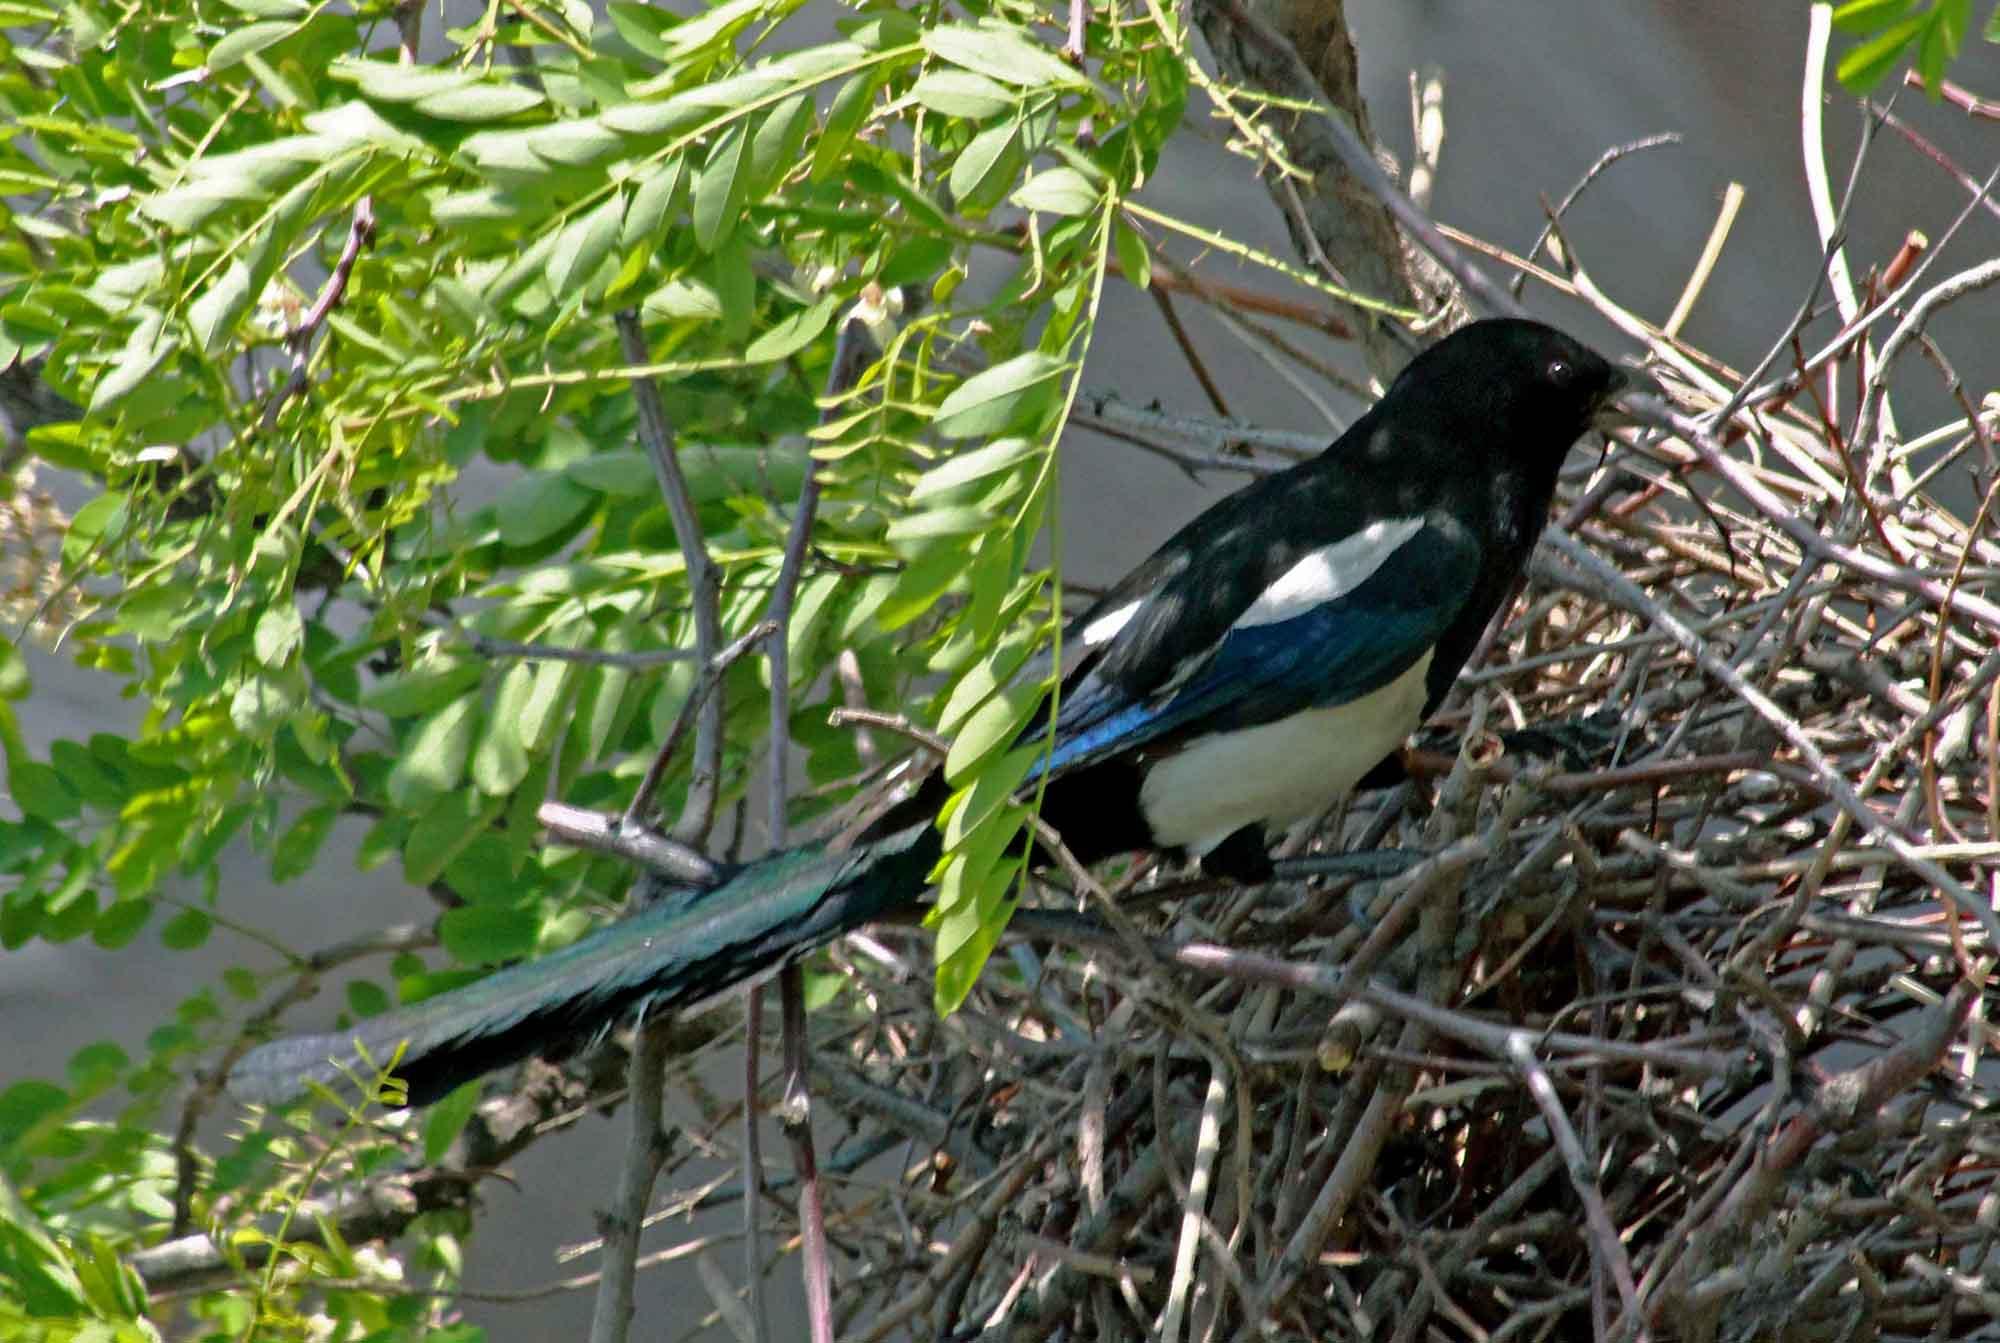 善于筑巢的动物